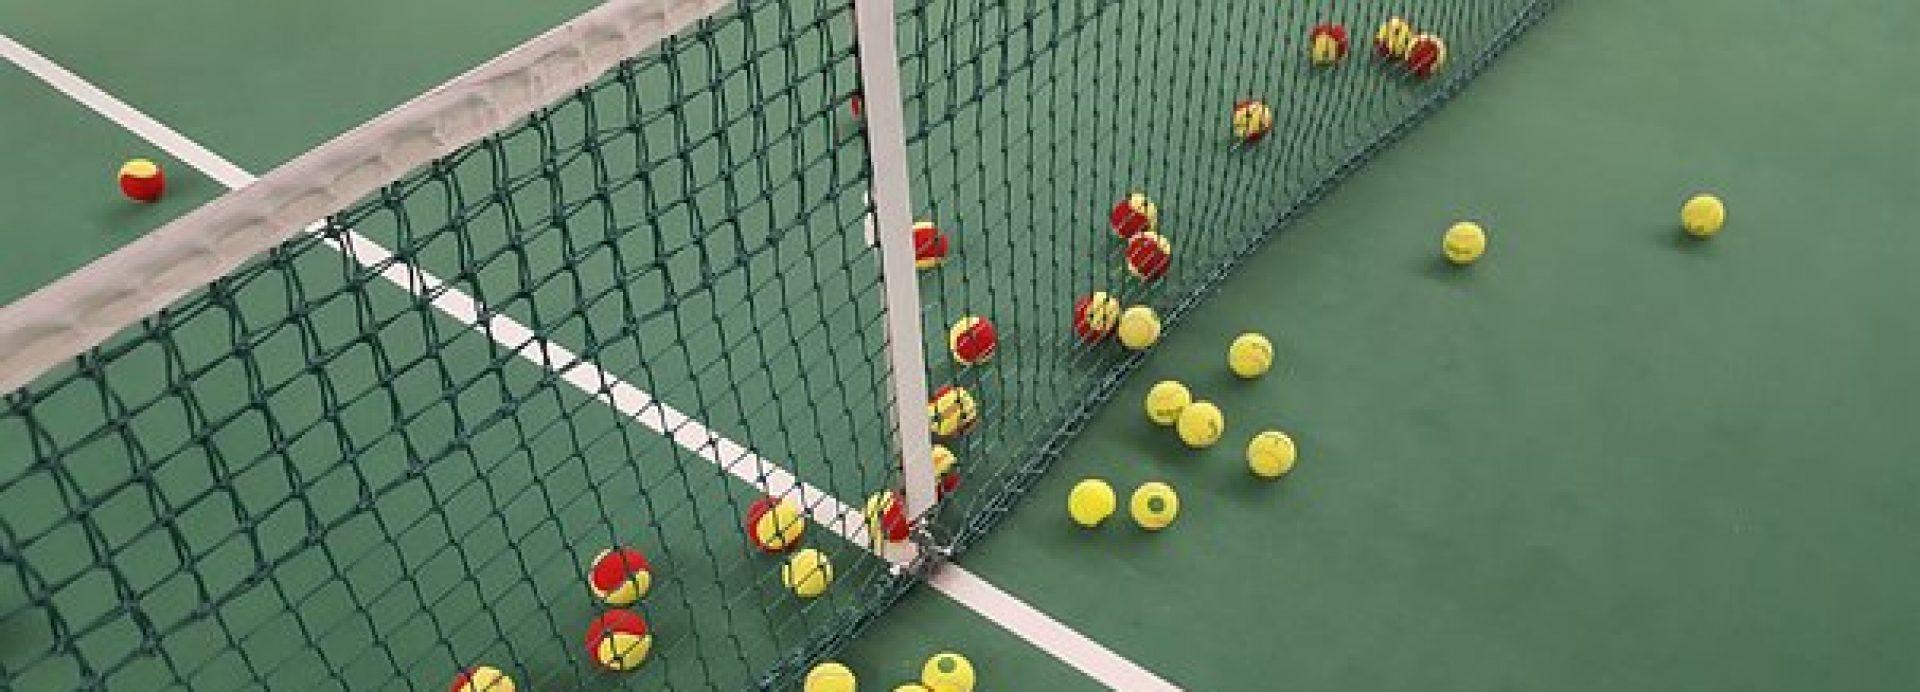 Tennisschule Frankytown